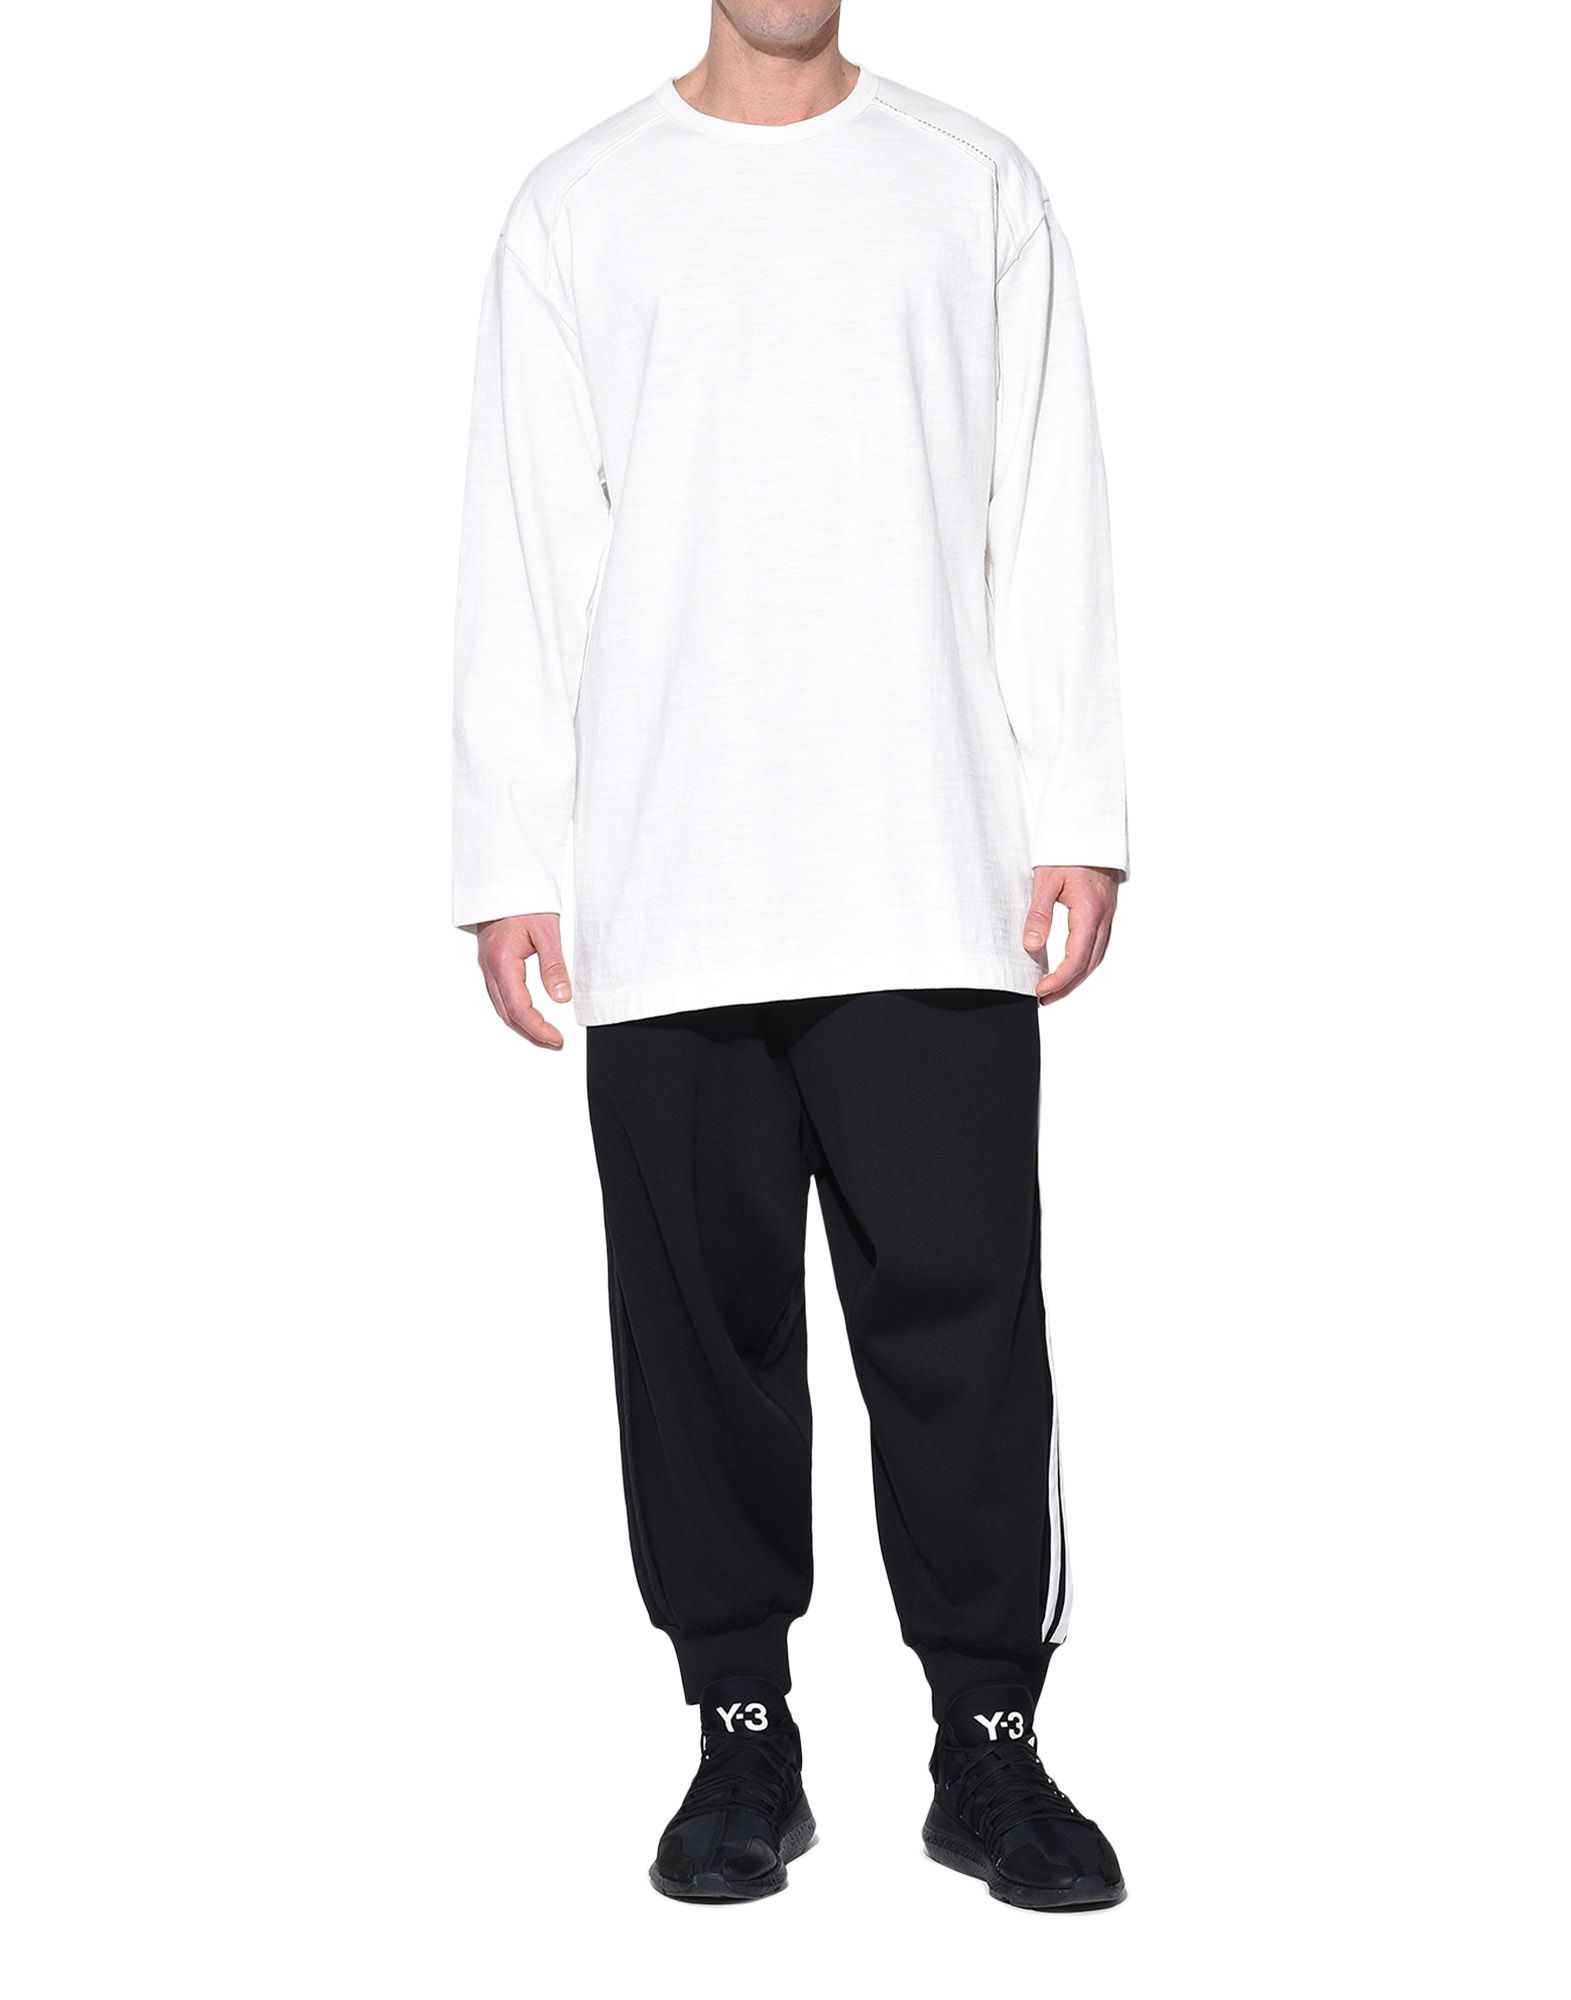 Y-3 Y-3 Sashiko Tee Long sleeve t-shirt Man a